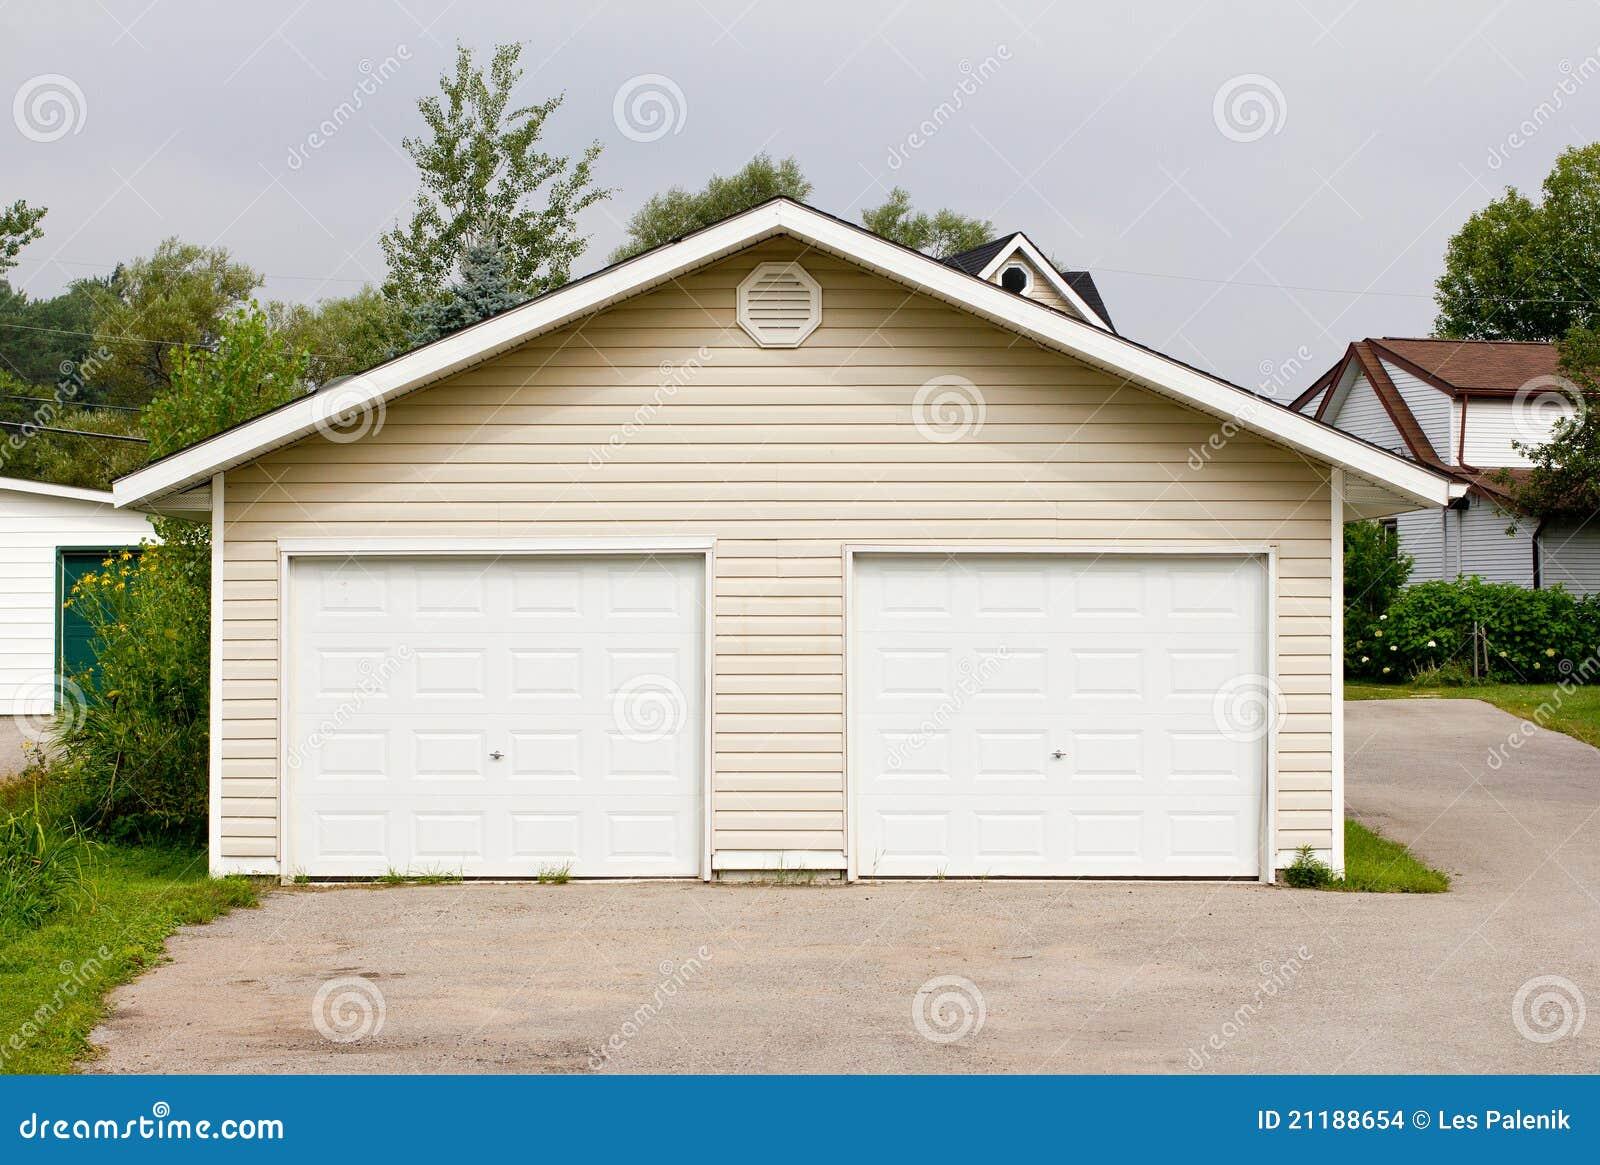 Freestanding double garage